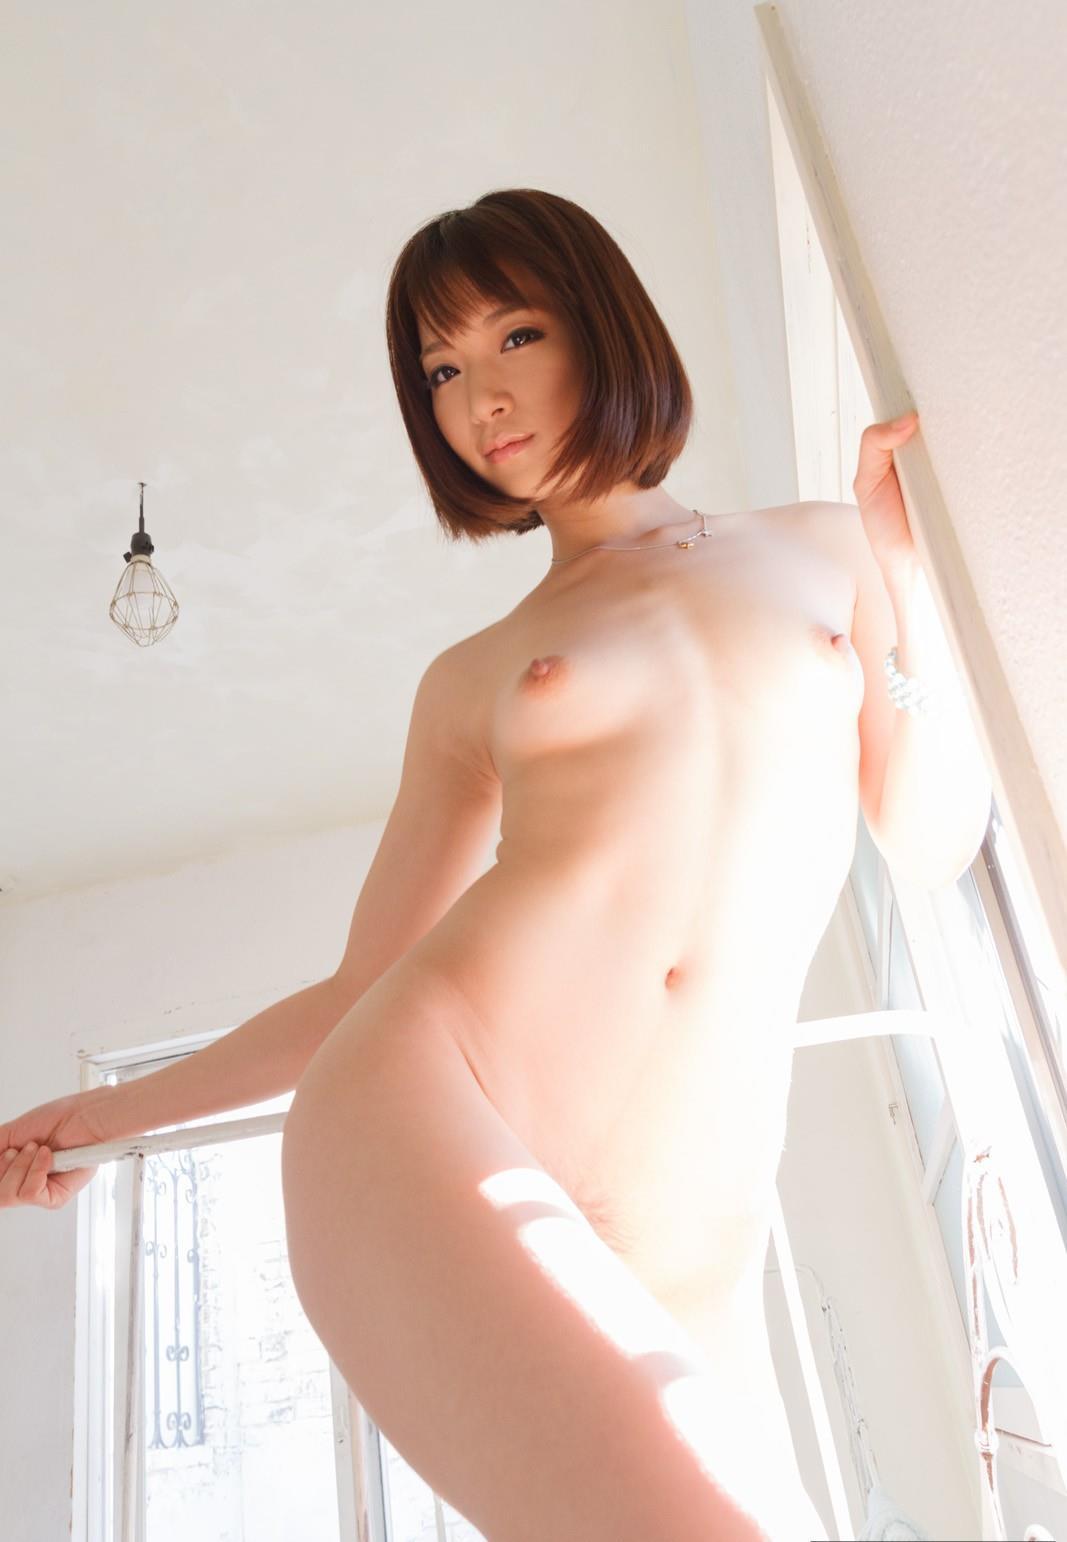 ウエストがクビレた裸の女性 (19)